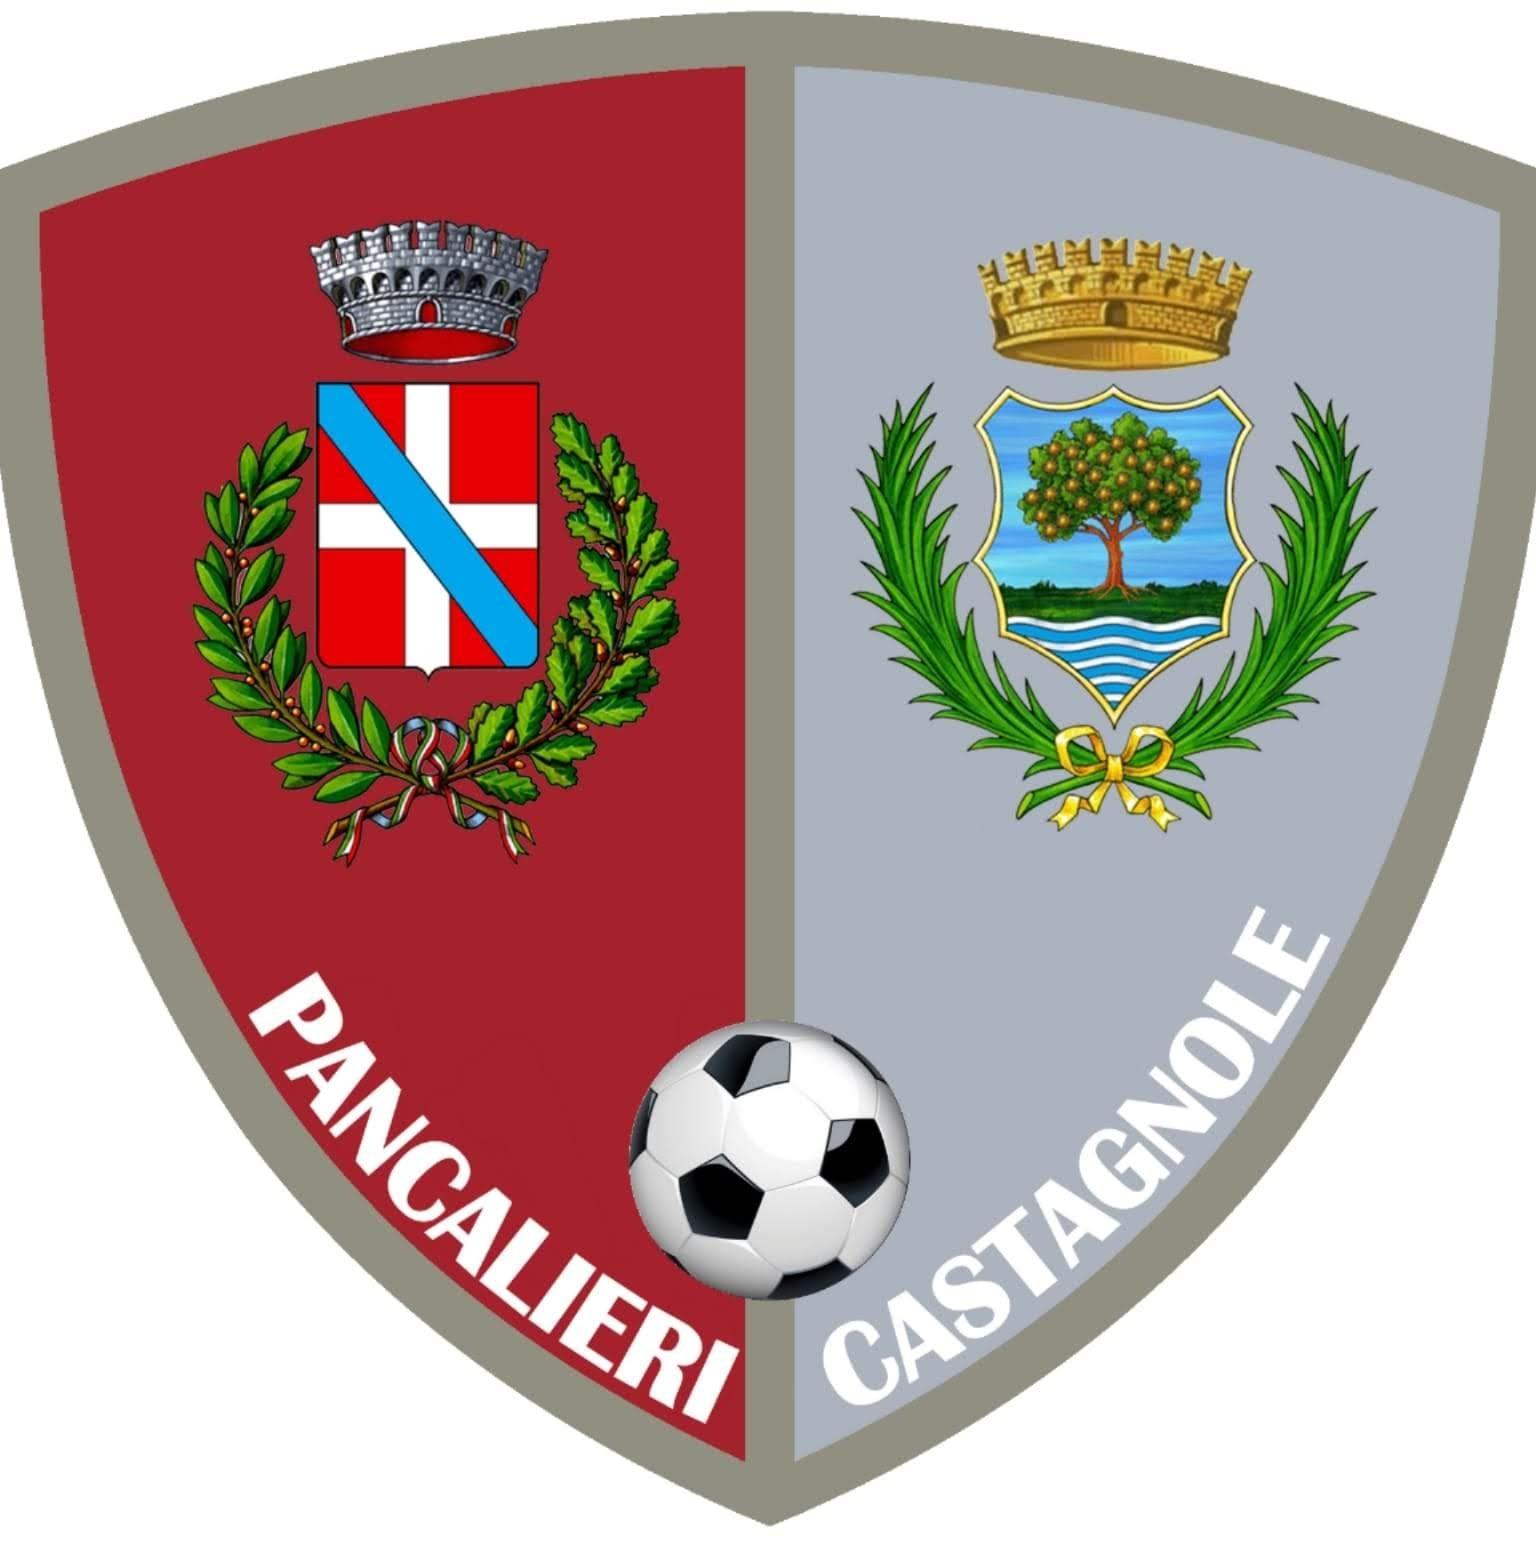 Calcio, presentazione dei gruppi del PancalieriCastagnole